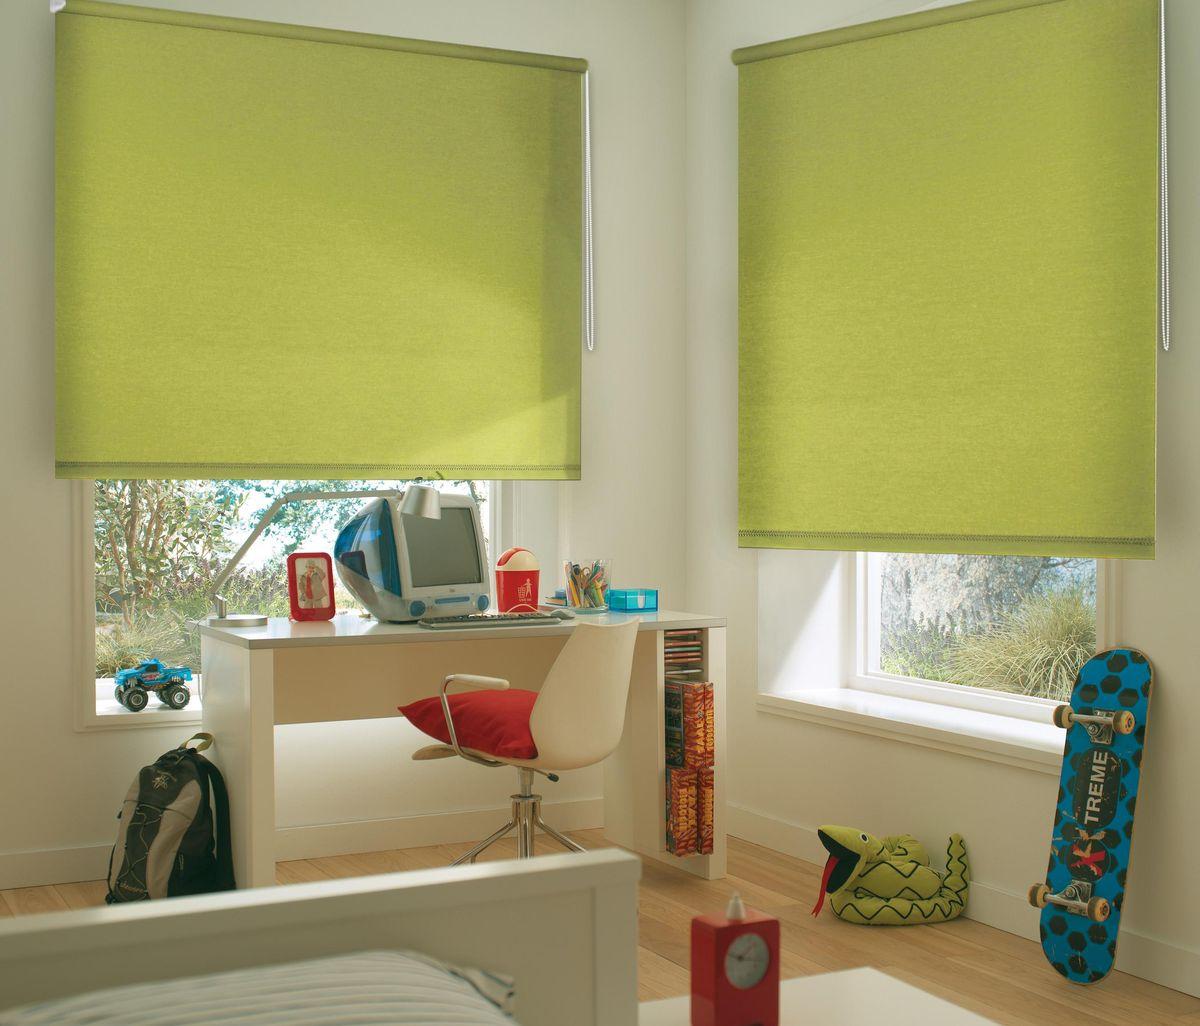 Штора рулонная Эскар, цвет: салатовый, ширина 60 см, высота 170 см81014060170Рулонными шторами можно оформлять окна как самостоятельно, так и использовать в комбинации с портьерами. Это поможет предотвратить выгорание дорогой ткани на солнце и соединит функционал рулонных с красотой навесных.Преимущества применения рулонных штор для пластиковых окон:- имеют прекрасный внешний вид: многообразие и фактурность материала изделия отлично смотрятся в любом интерьере; - многофункциональны: есть возможность подобрать шторы способные эффективно защитить комнату от солнца, при этом о на не будет слишком темной. - Есть возможность осуществить быстрый монтаж. ВНИМАНИЕ! Размеры ширины изделия указаны по ширине ткани!Во время эксплуатации не рекомендуется полностью разматывать рулон, чтобы не оторвать ткань от намоточного вала.В случае загрязнения поверхности ткани, чистку шторы проводят одним из способов, в зависимости от типа загрязнения: легкое поверхностное загрязнение можно удалить при помощи канцелярского ластика; чистка от пыли производится сухим методом при помощи пылесоса с мягкой щеткой-насадкой; для удаления пятна используйте мягкую губку с пенообразующим неагрессивным моющим средством или пятновыводитель на натуральной основе (нельзя применять растворители).